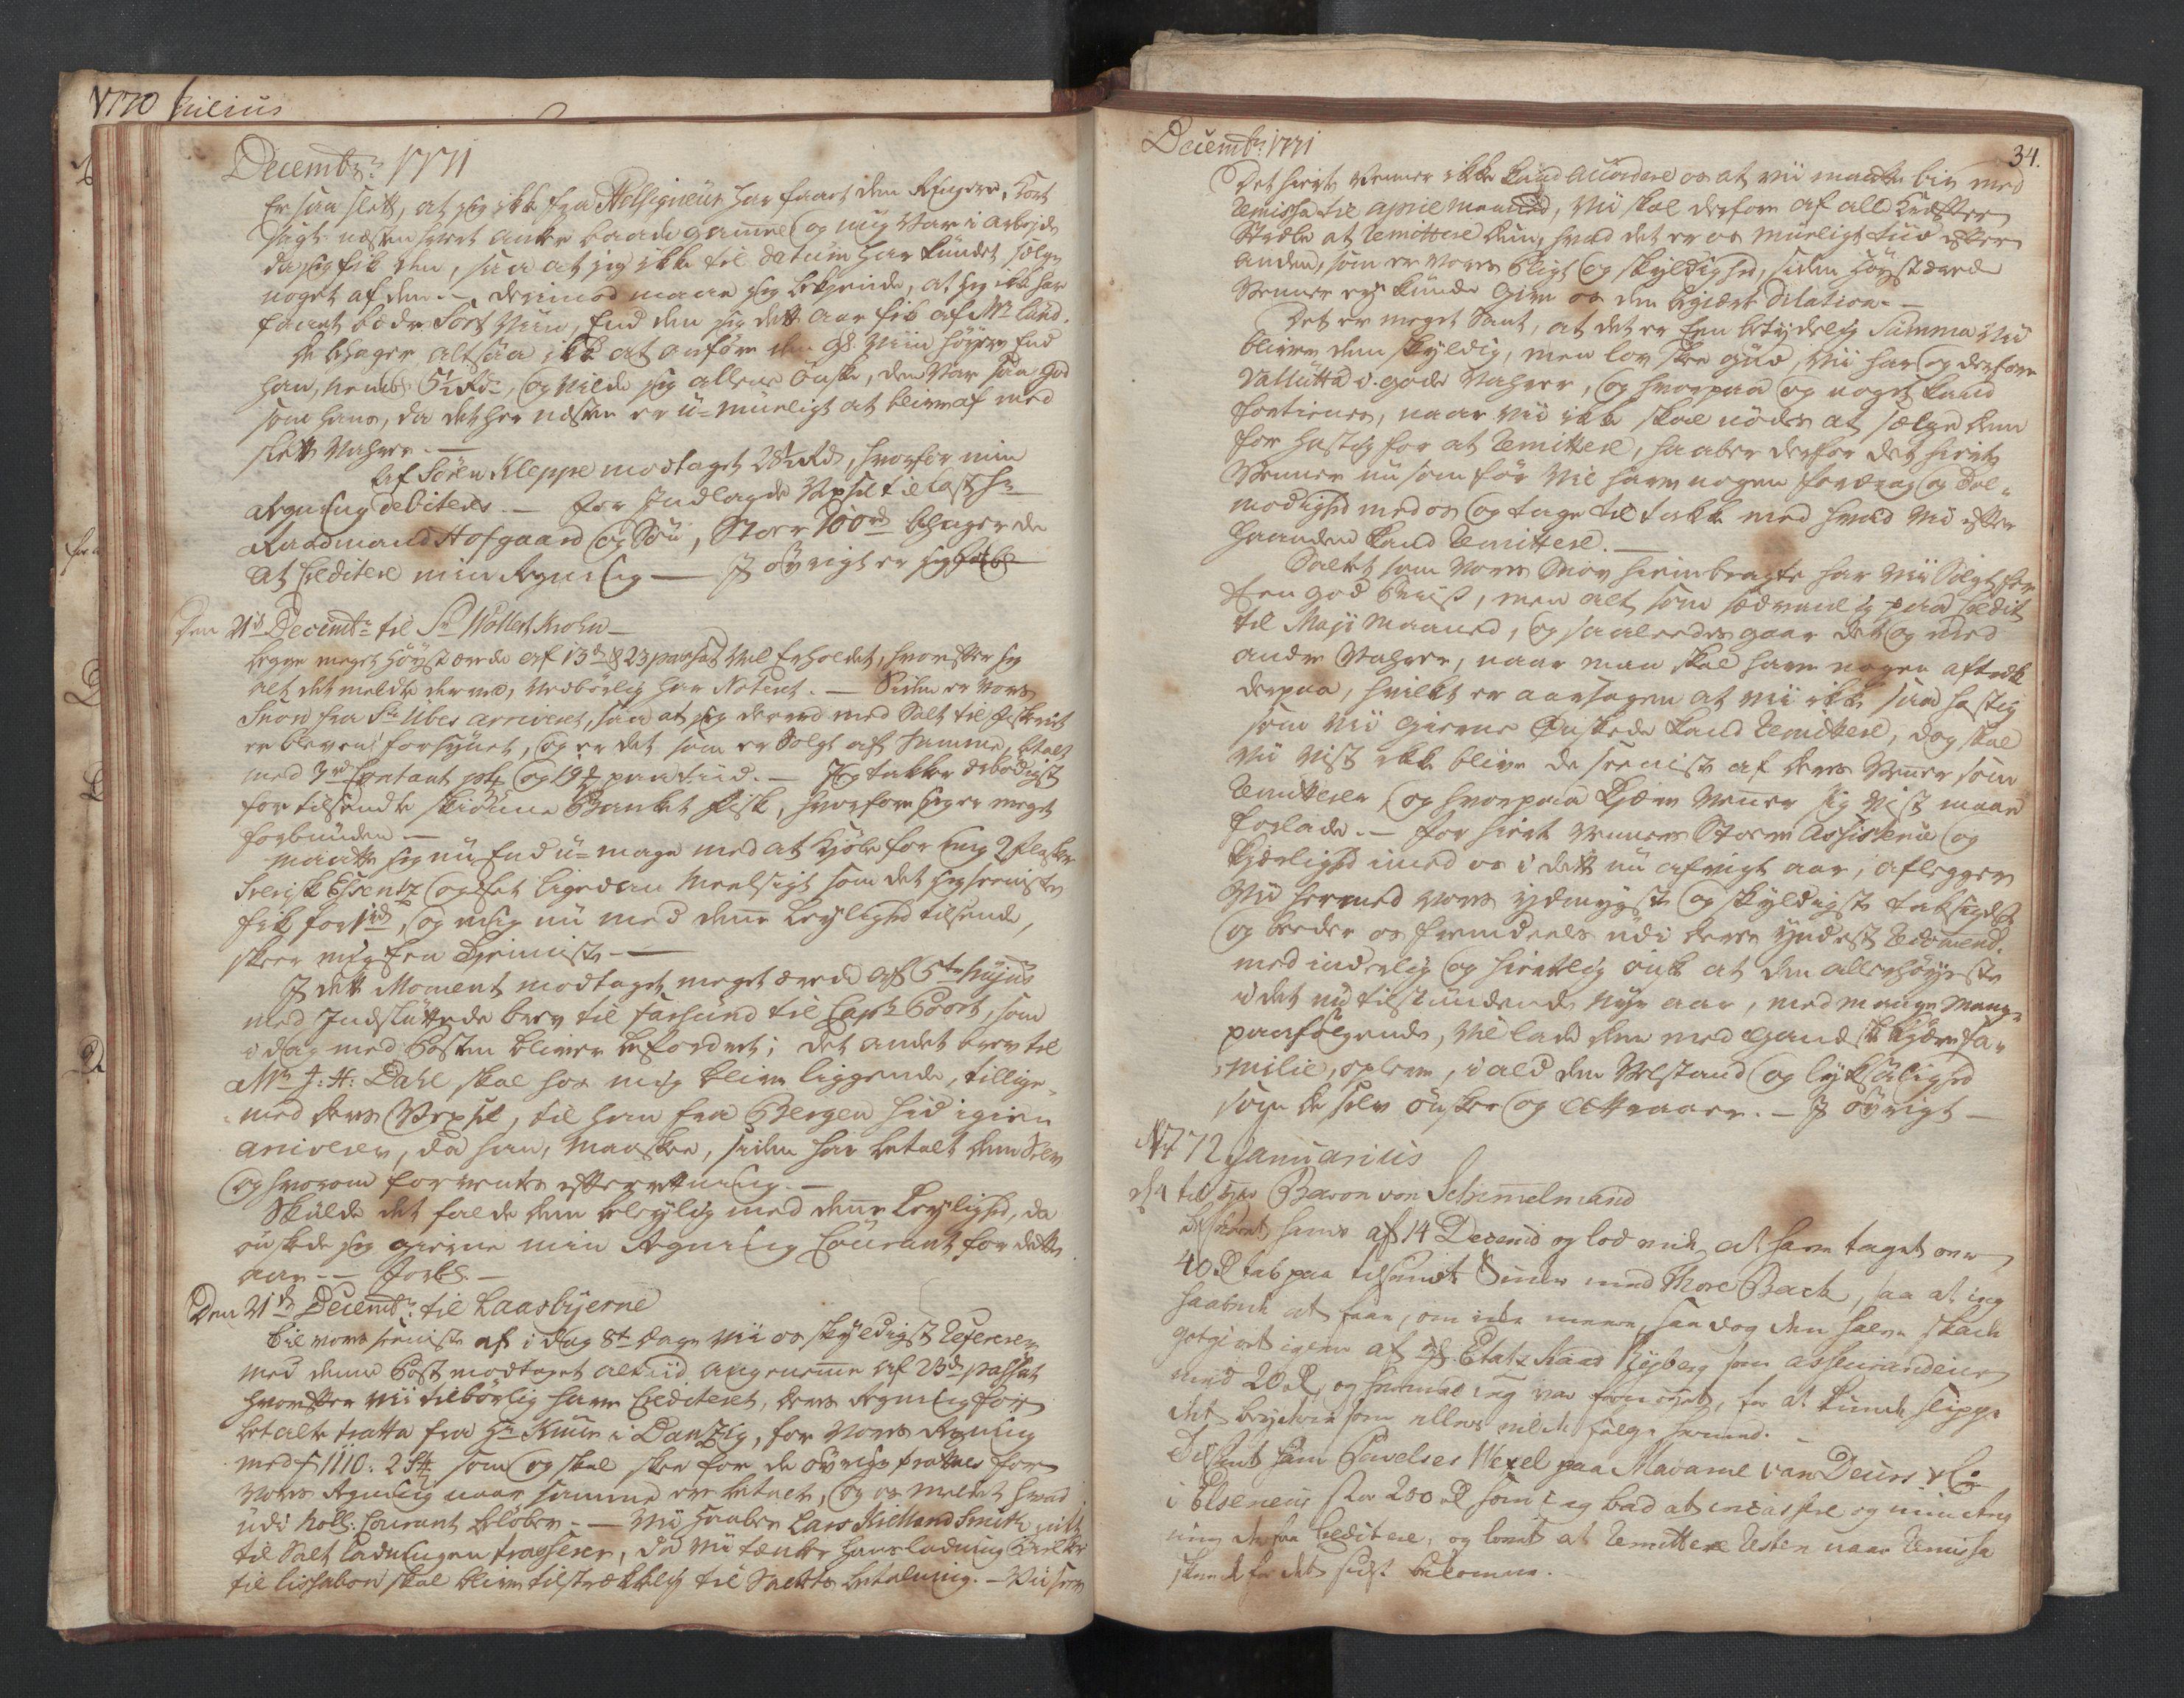 SAST, Pa 0003 - Ploug & Sundt, handelshuset, B/L0002: Kopibok, 1770-1775, s. 33b-34a